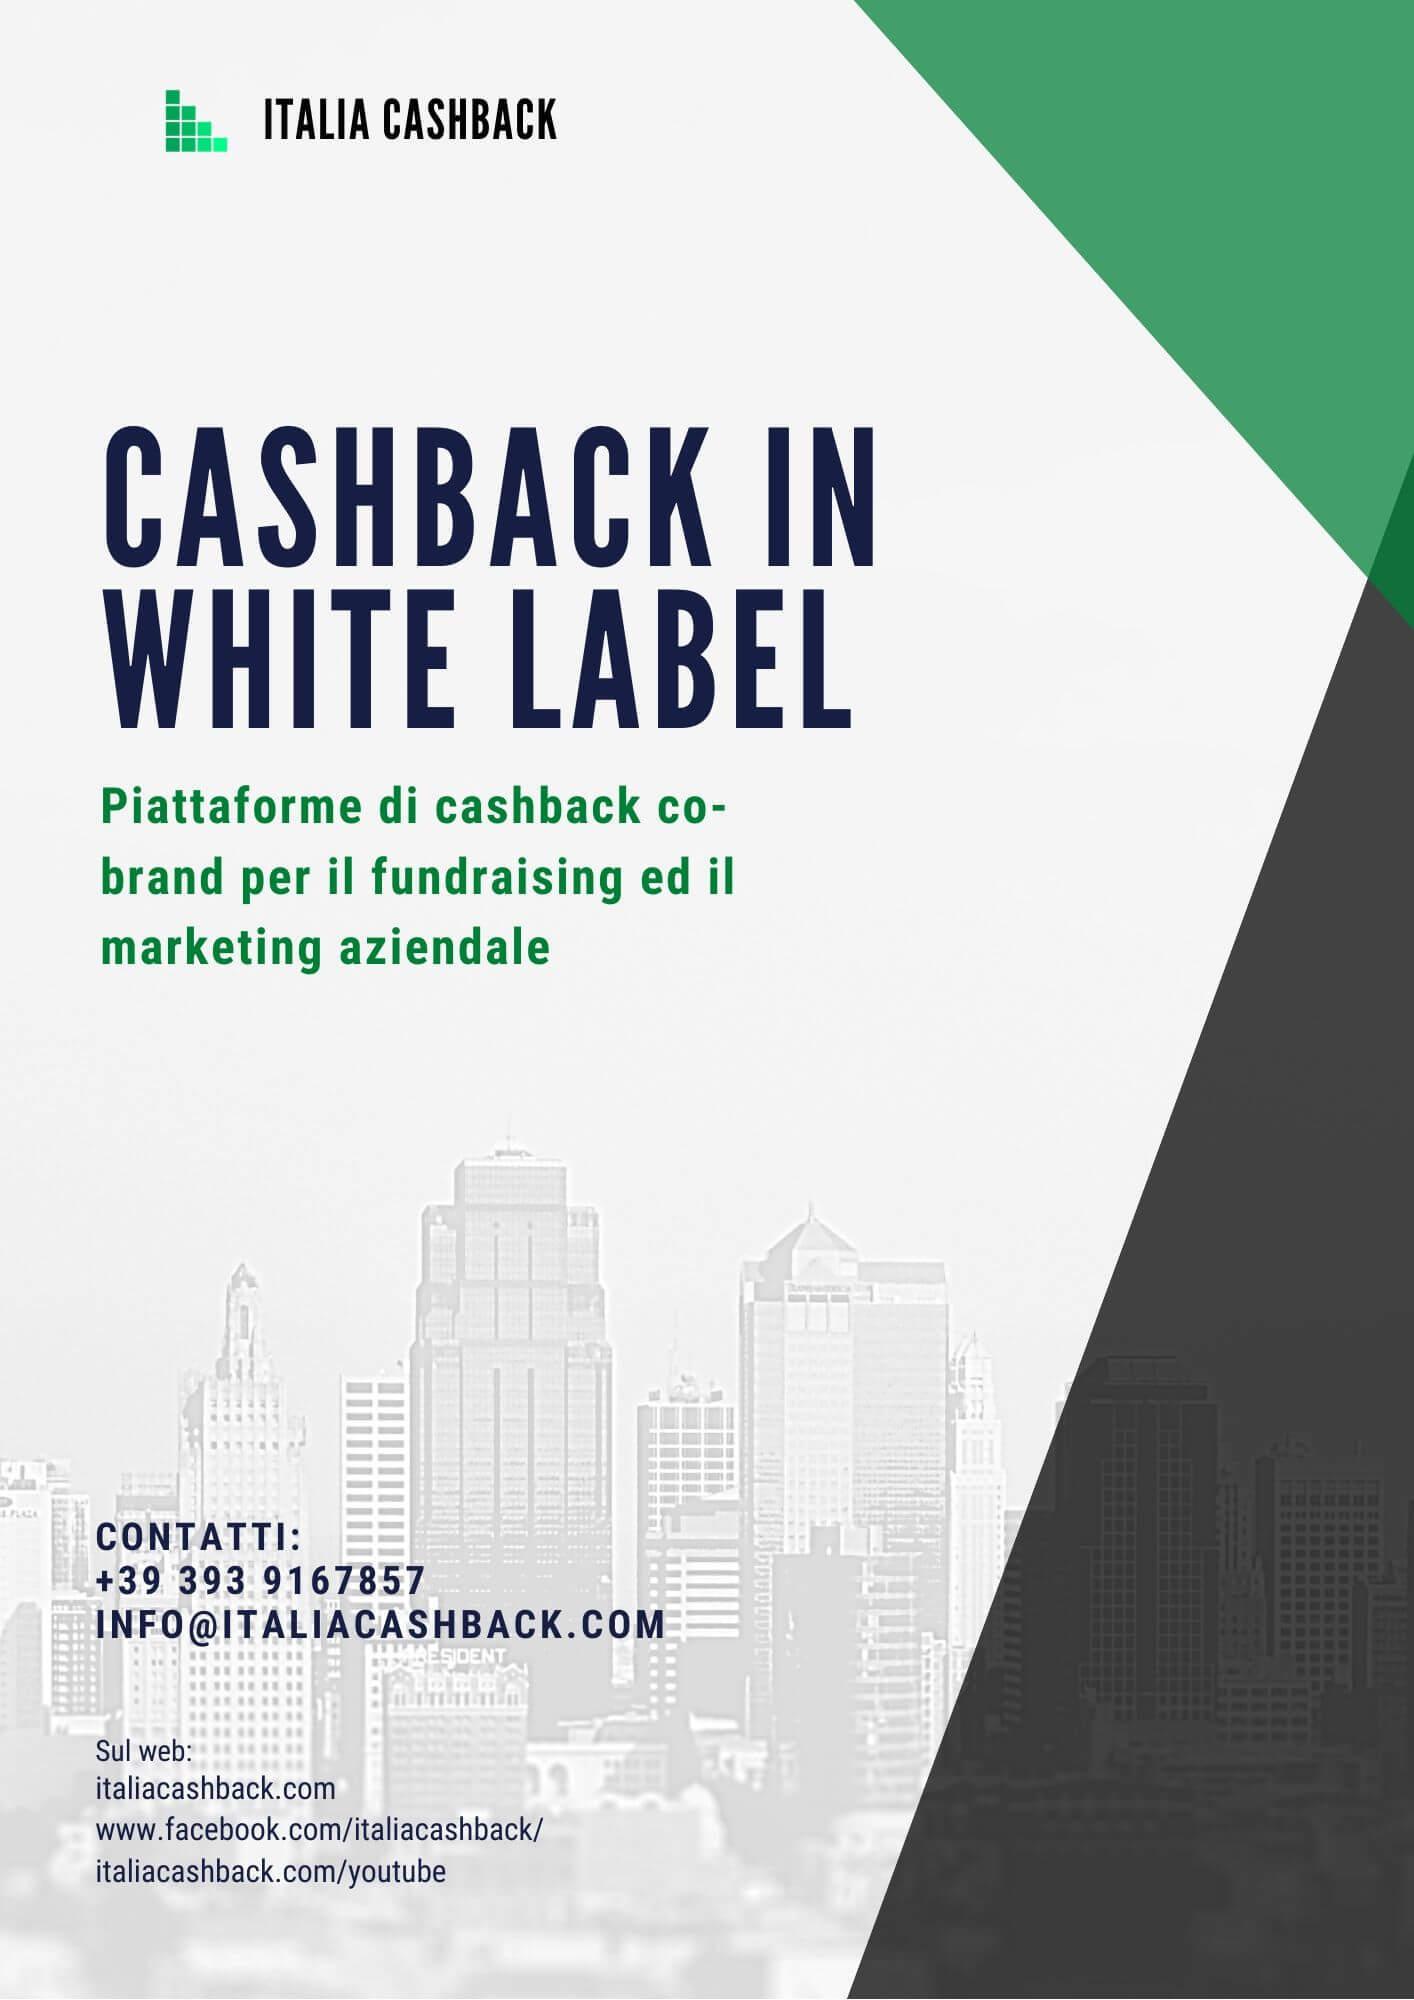 Copertina della Guida al cashback in white label